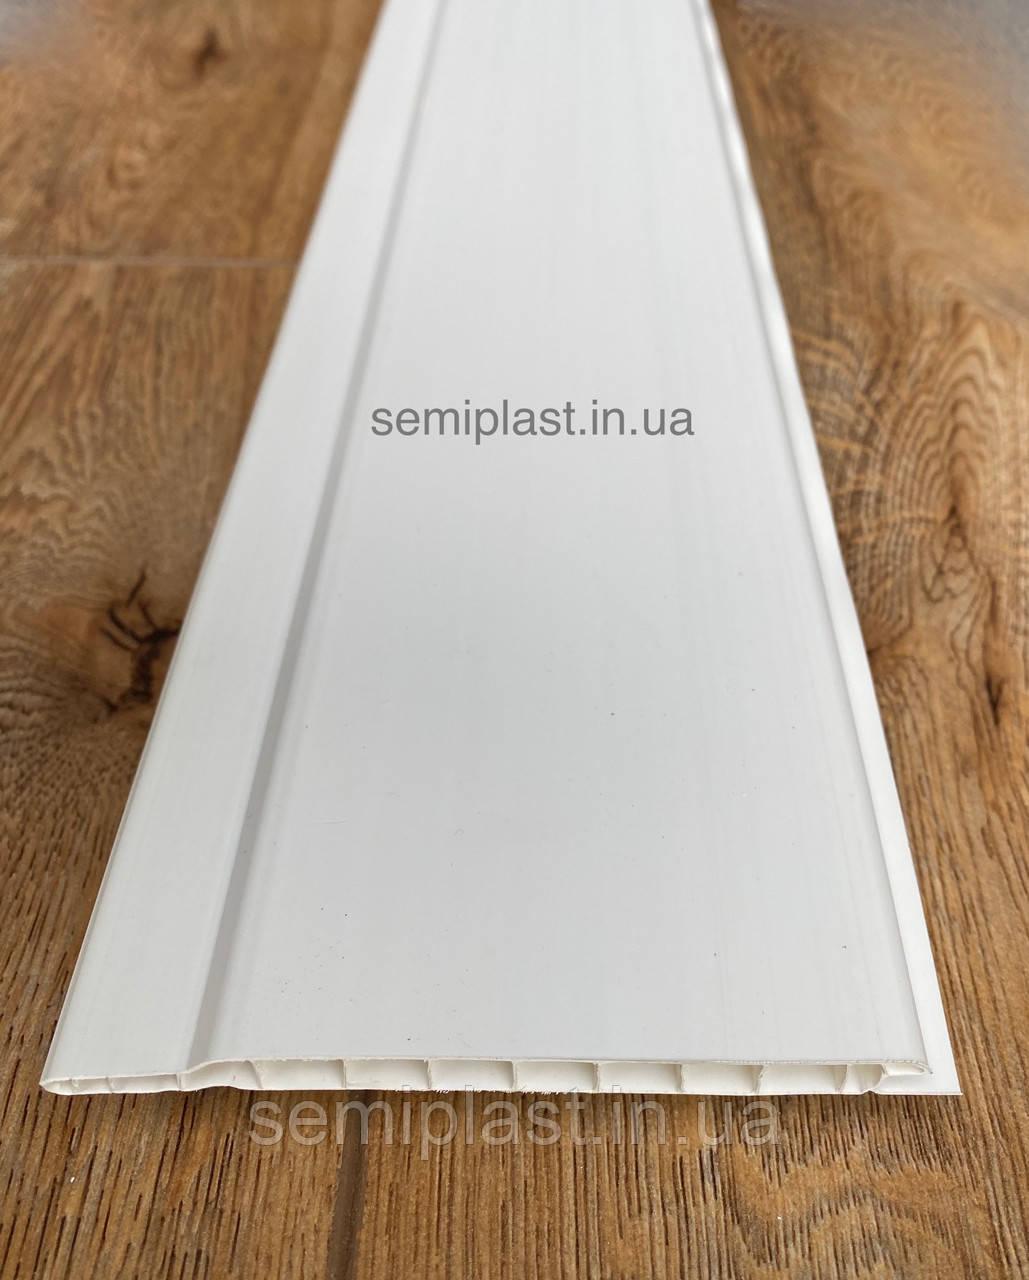 Пластиковая вагонка C100 Белая глянцевая 10 см